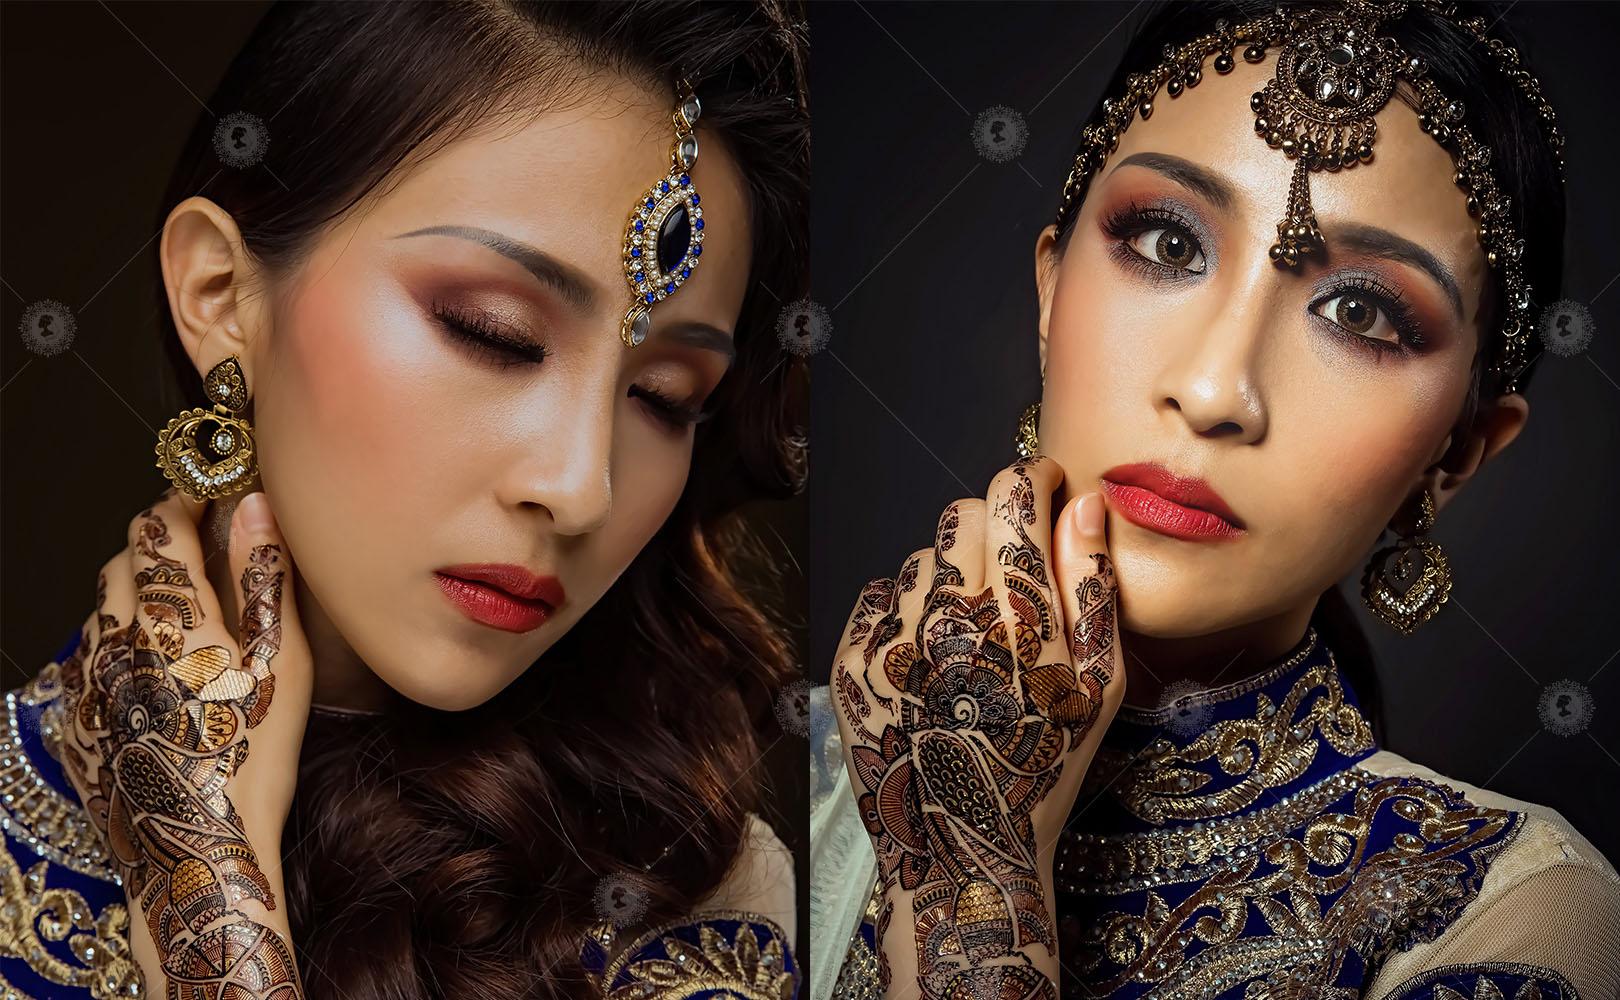 【印度旁遮比-揭開印度面紗】刺繡傳統流行感/硃砂馬達巴蒂作品8